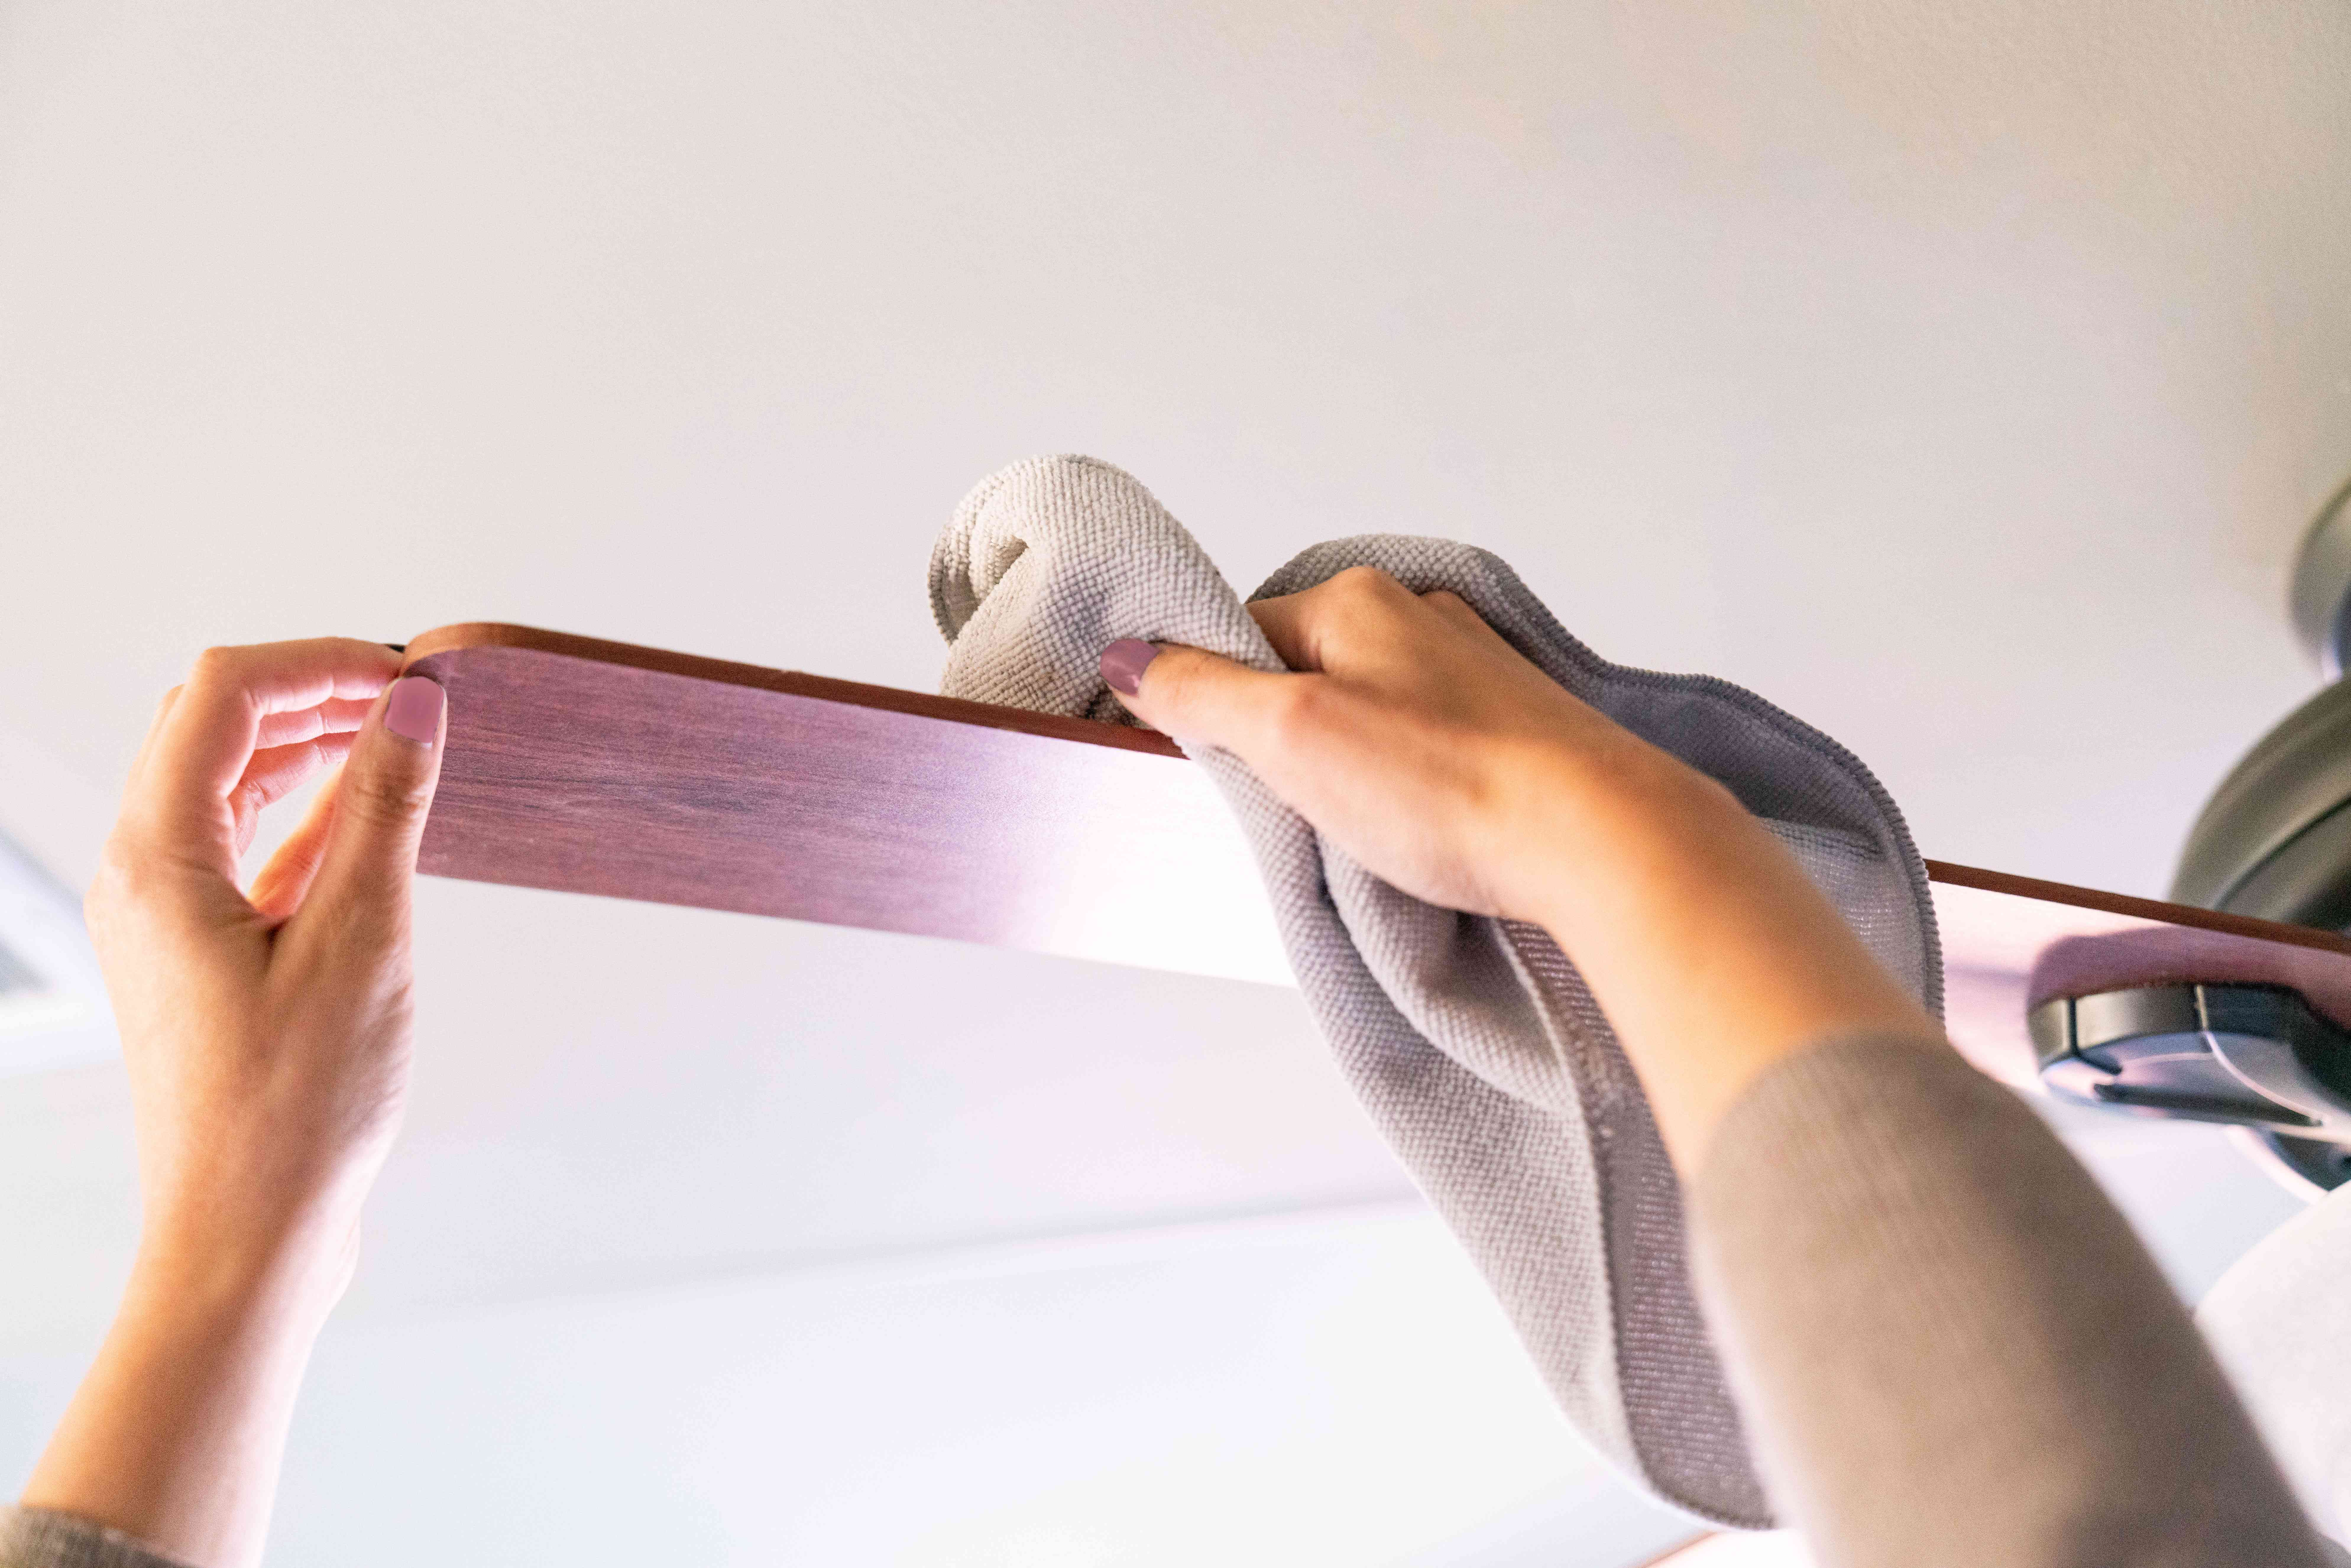 dusting the ceiling fan